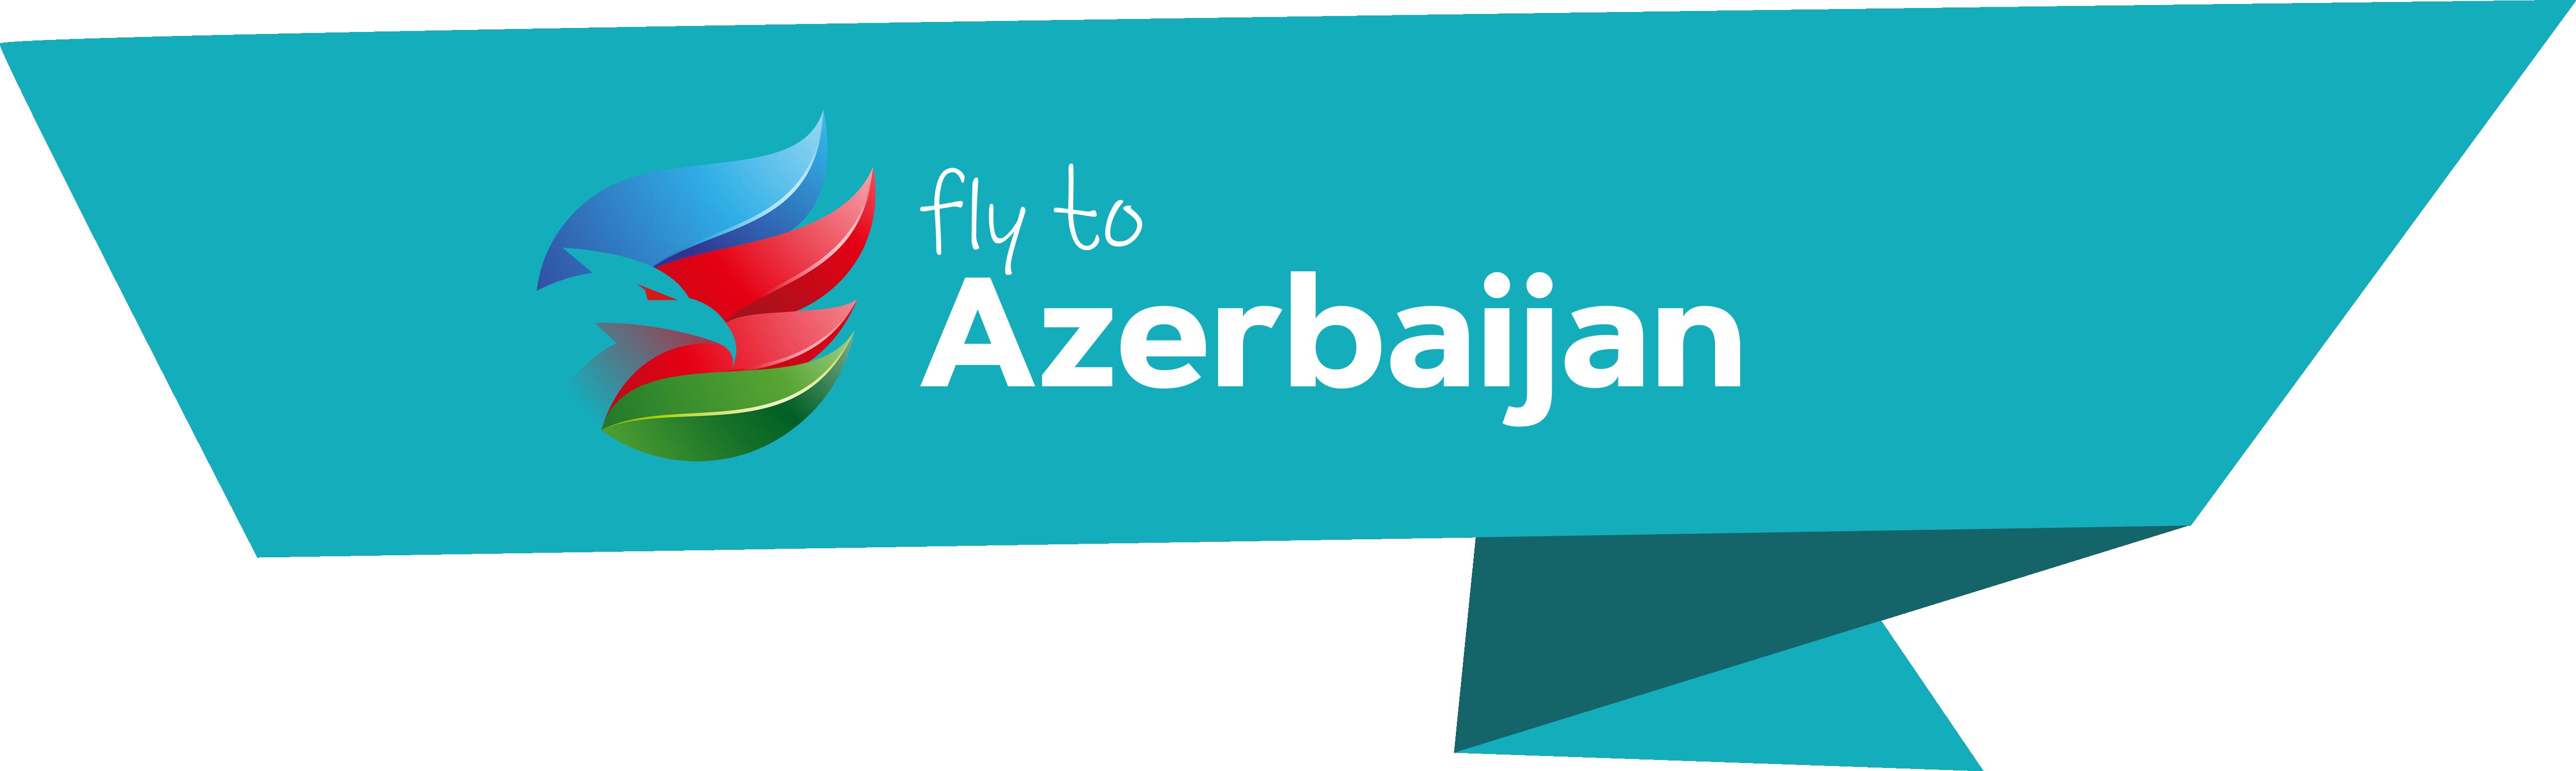 Fly to Azerbaijan